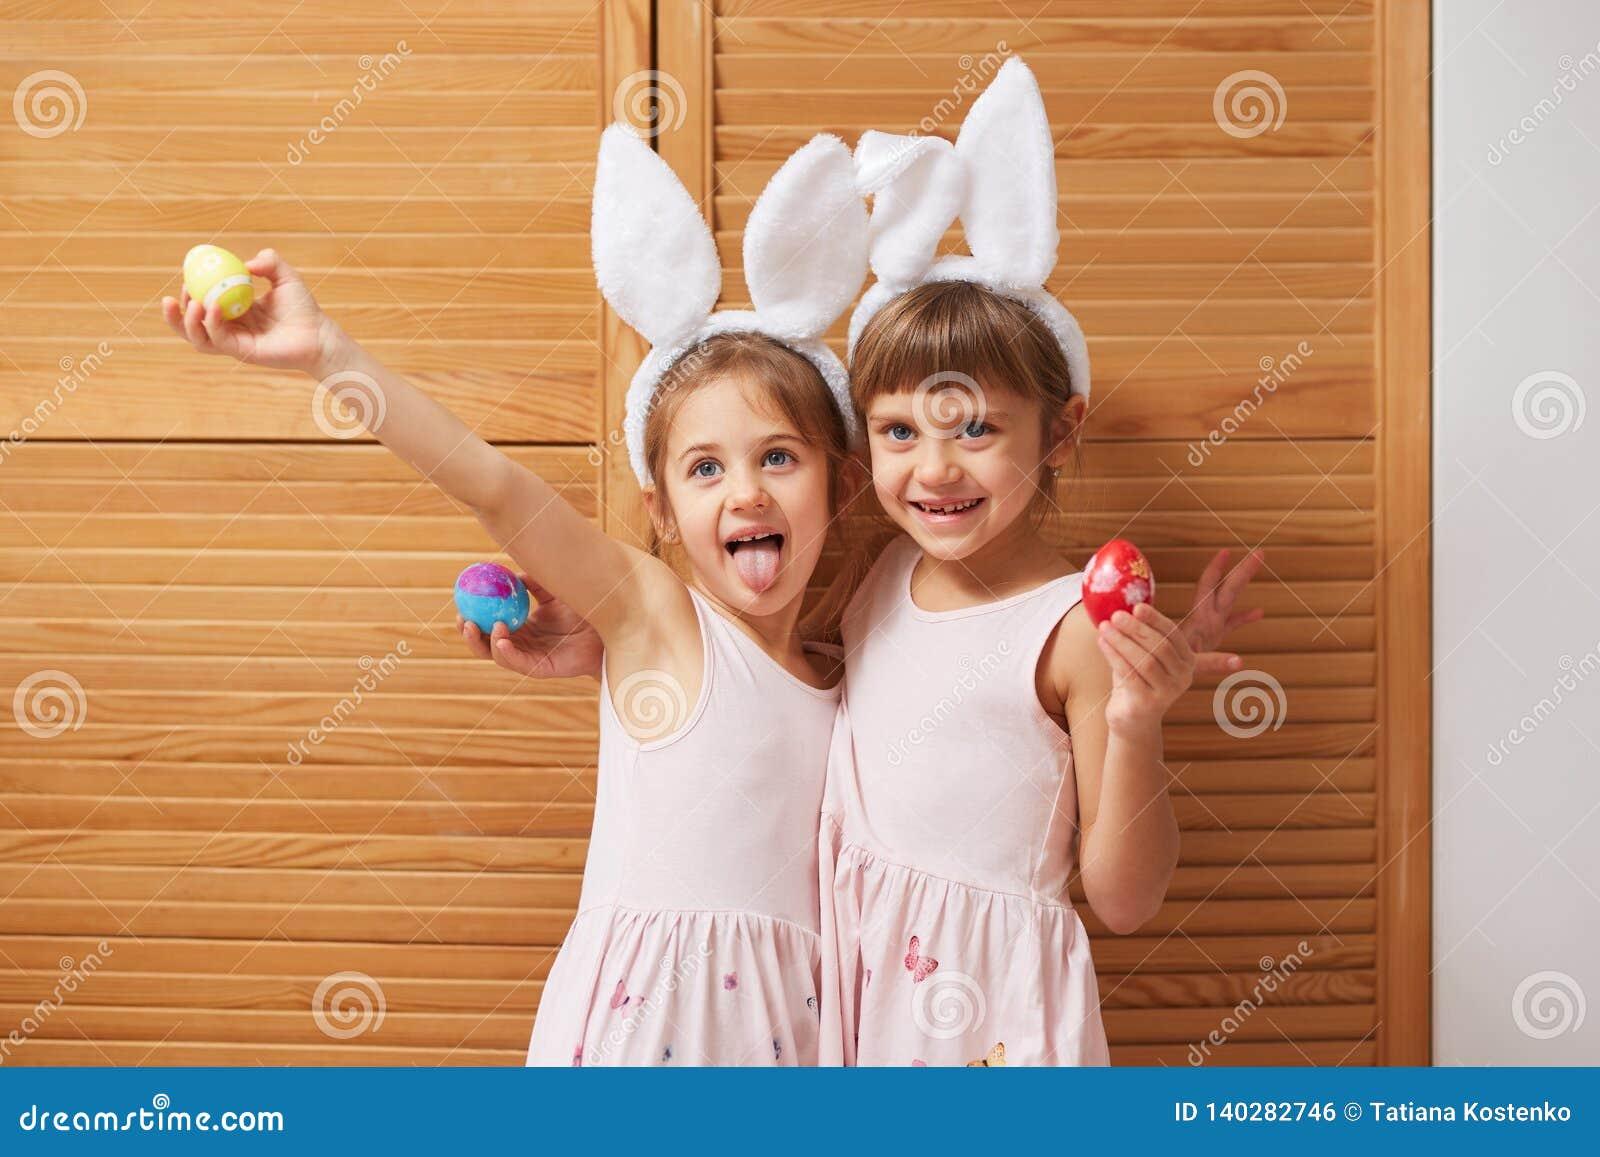 Dwa śmiesznej czarują małej siostry w sukniach z białymi królików ucho na ich głowach trzymają farbujących jajka w ich rękach